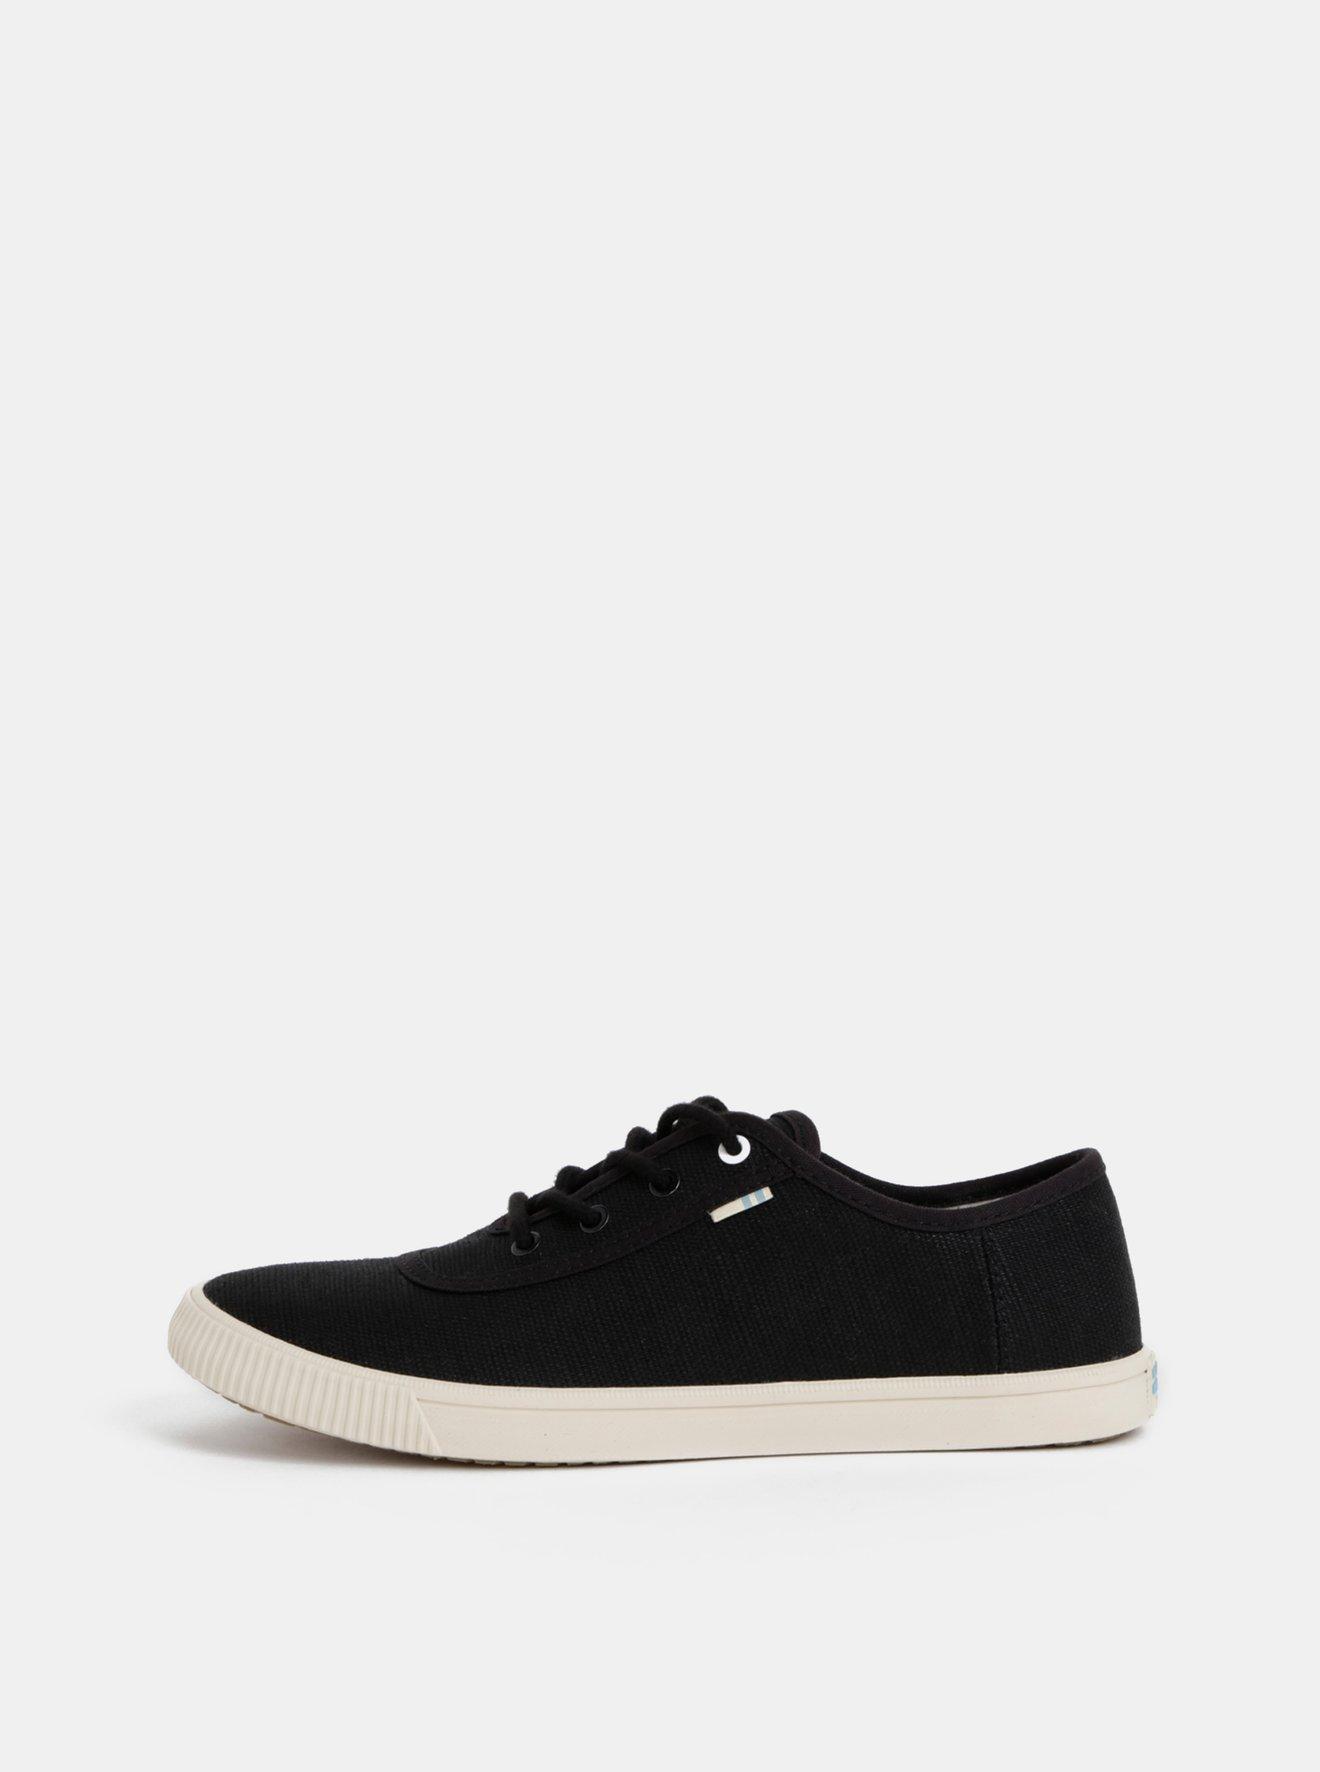 Černé dámské tenisky TOMS